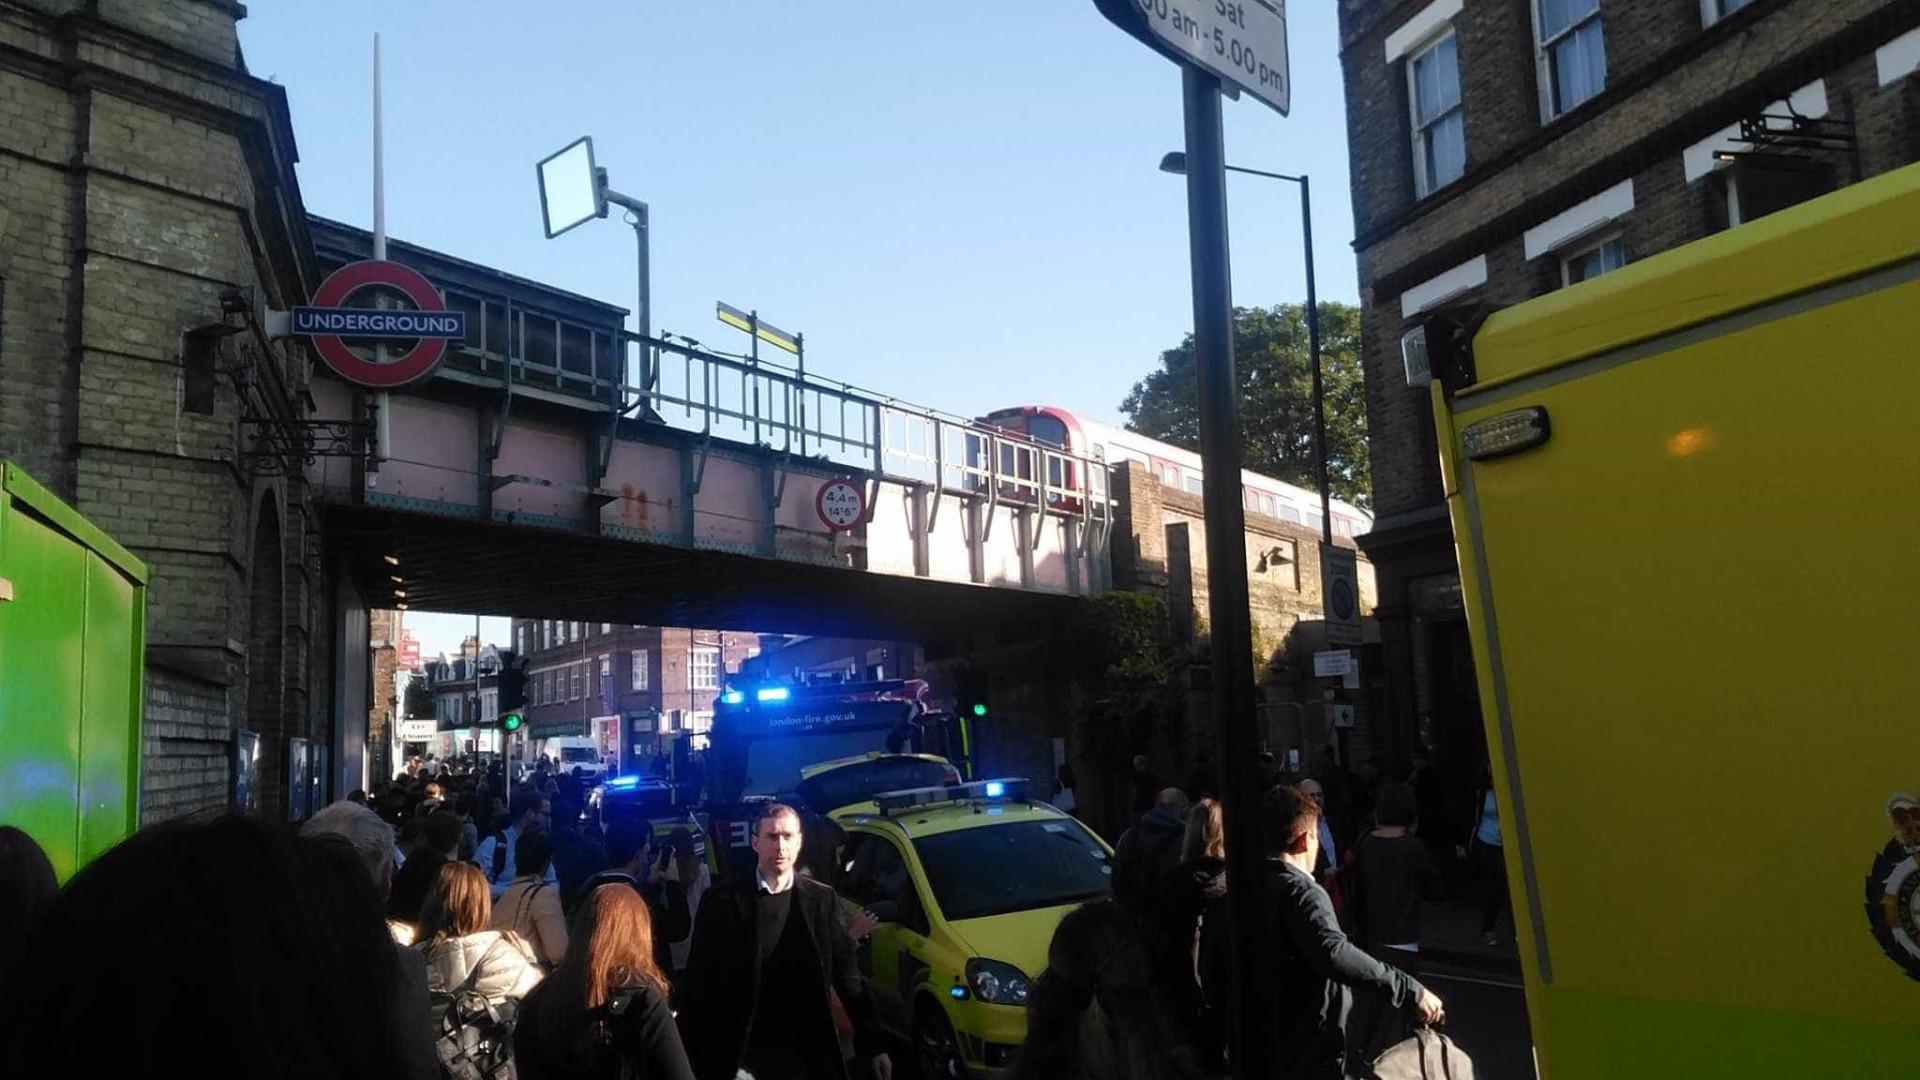 Relatos de explosão no metro de Londres. Autoridades investigam